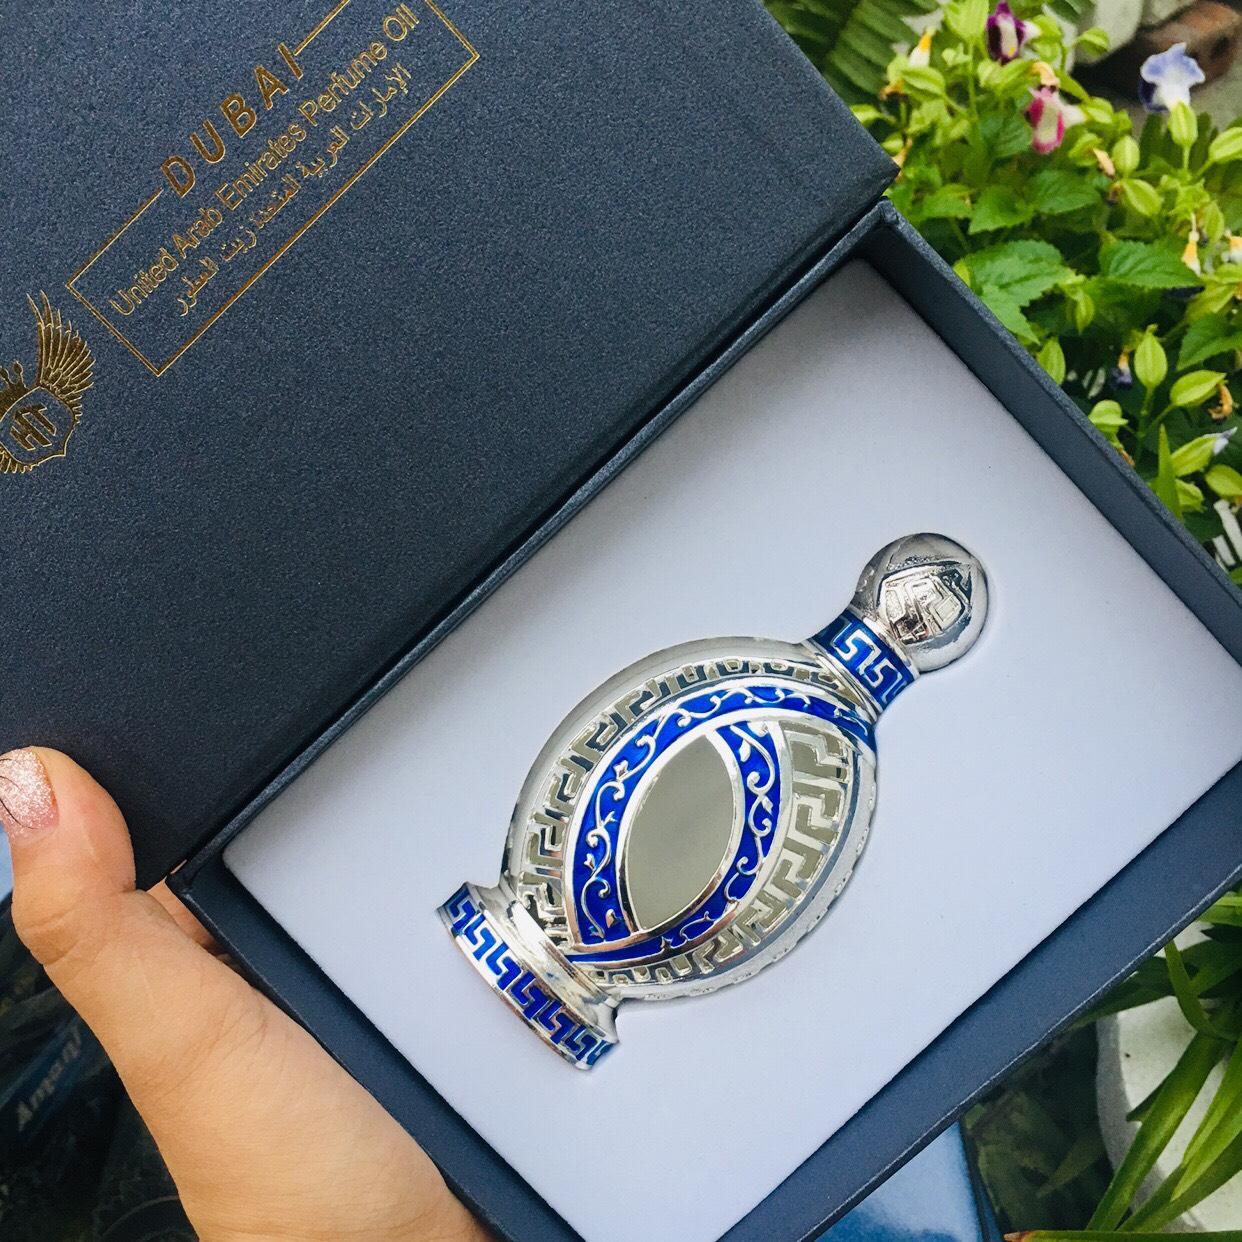 Tinh dầu Dubai nam mùi hương được yêu thích nhất Renegade (Bleu De Chanel)